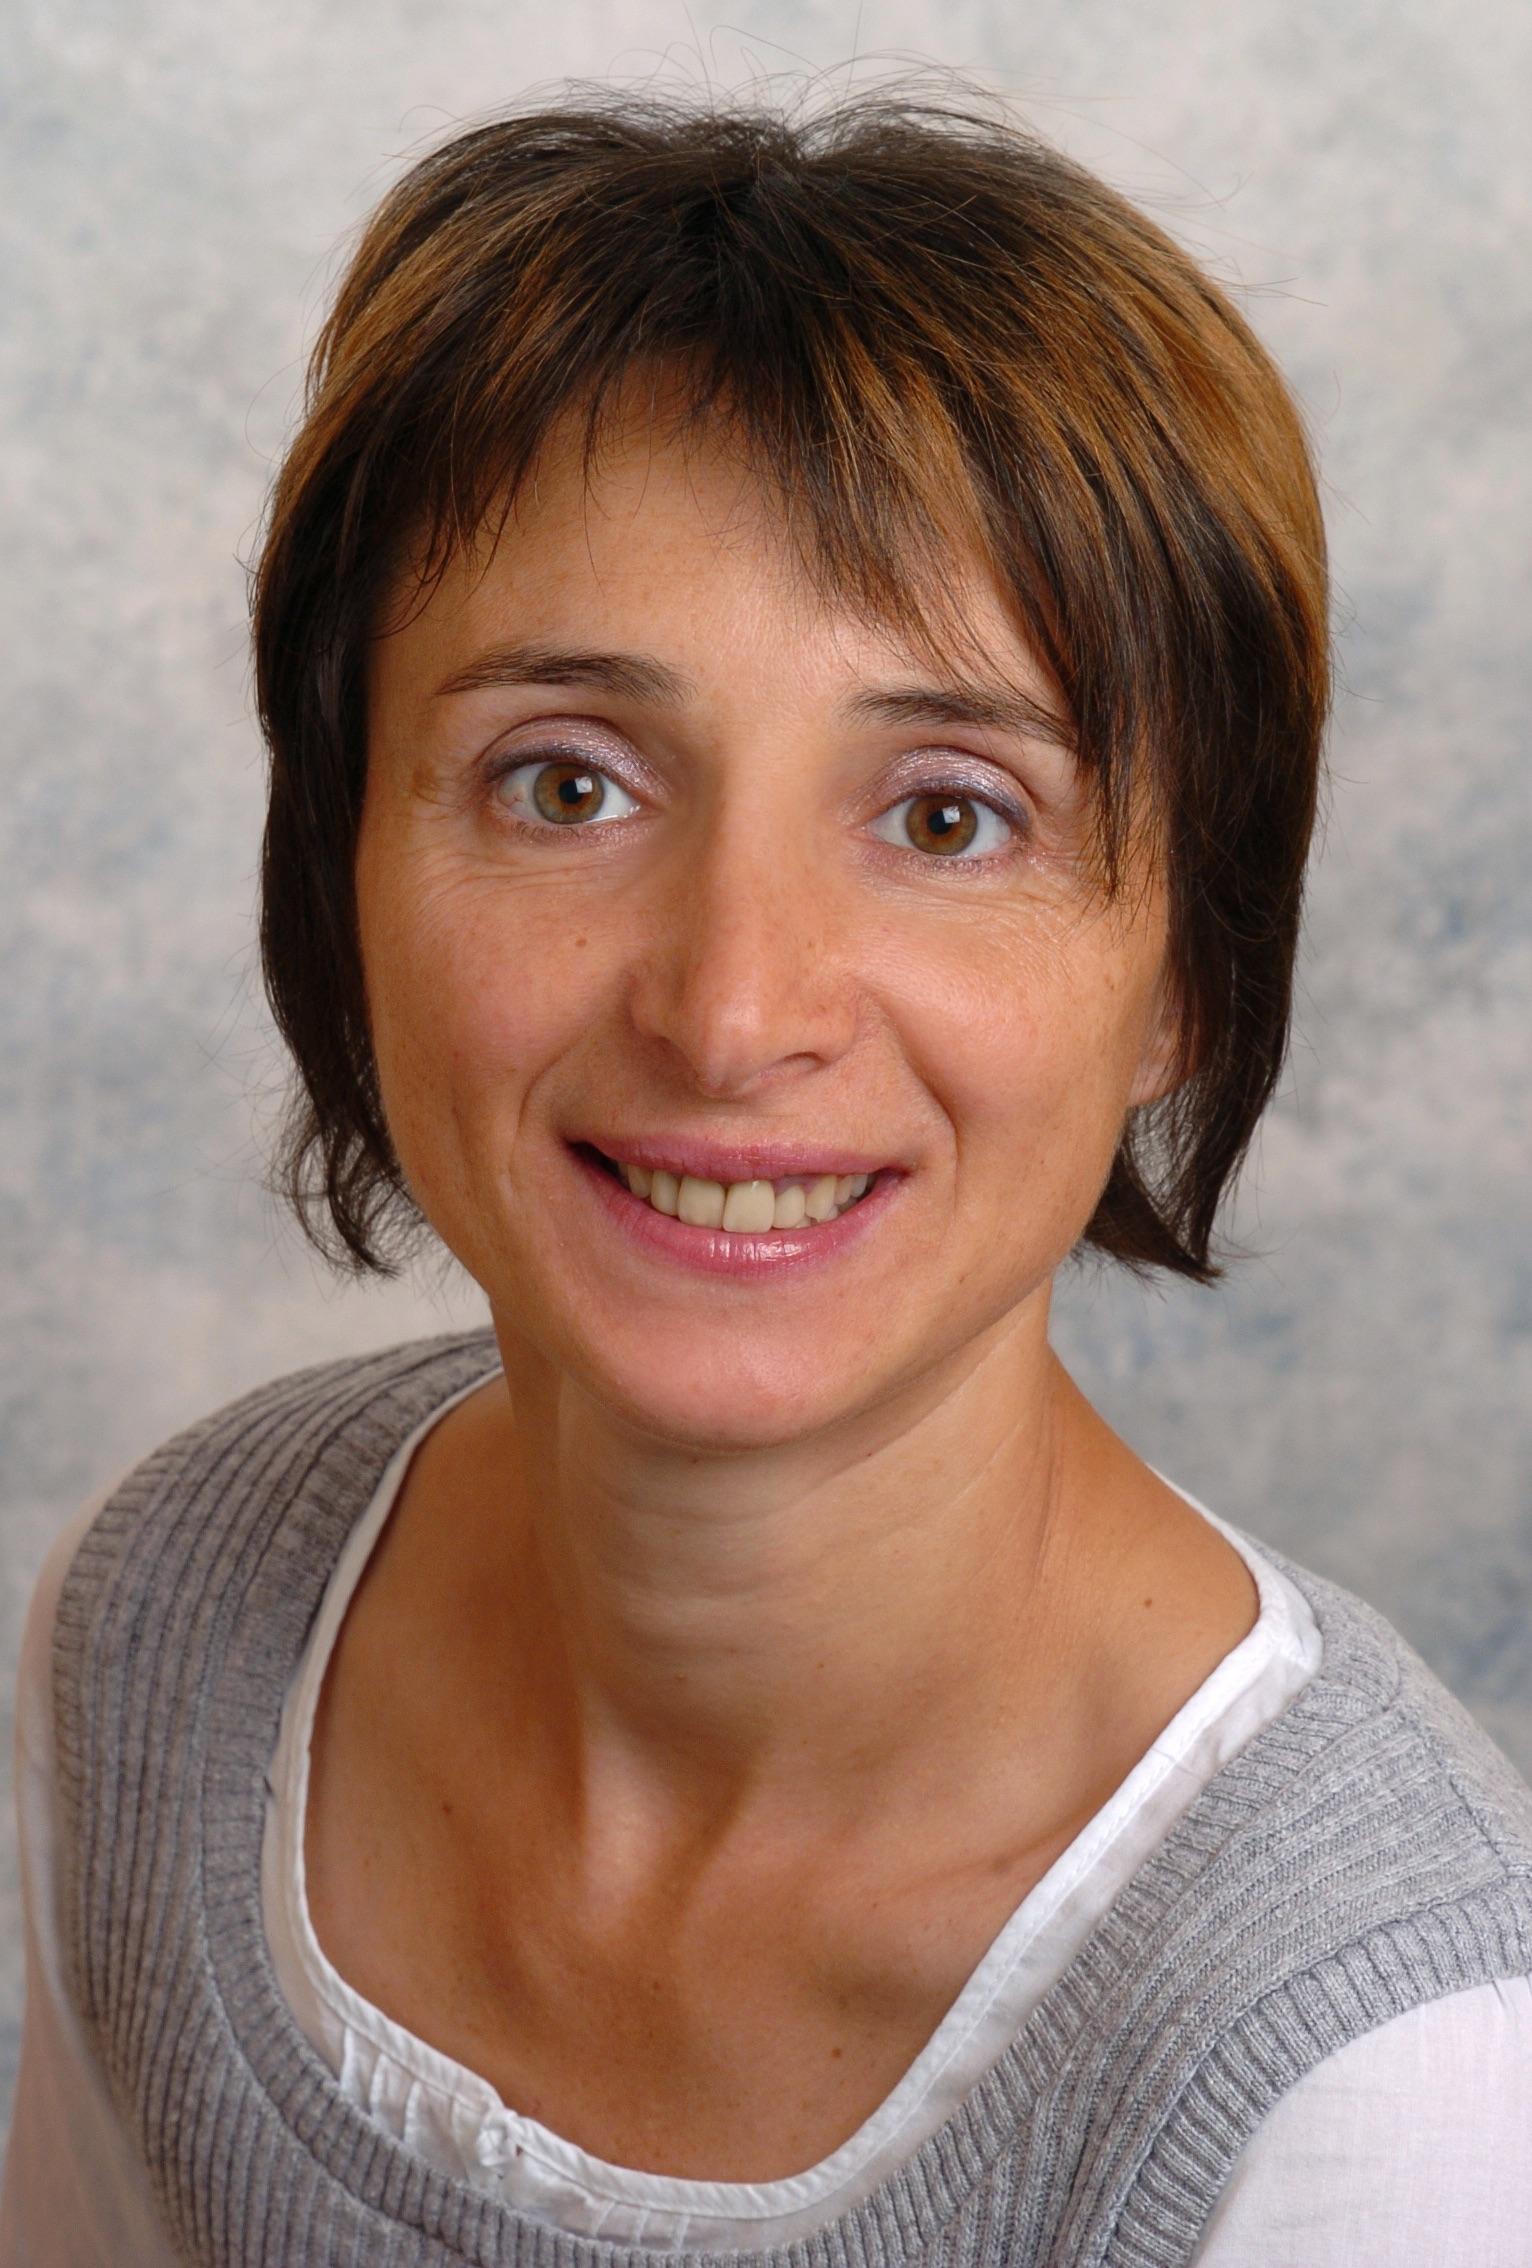 Lorella Sbardellotto